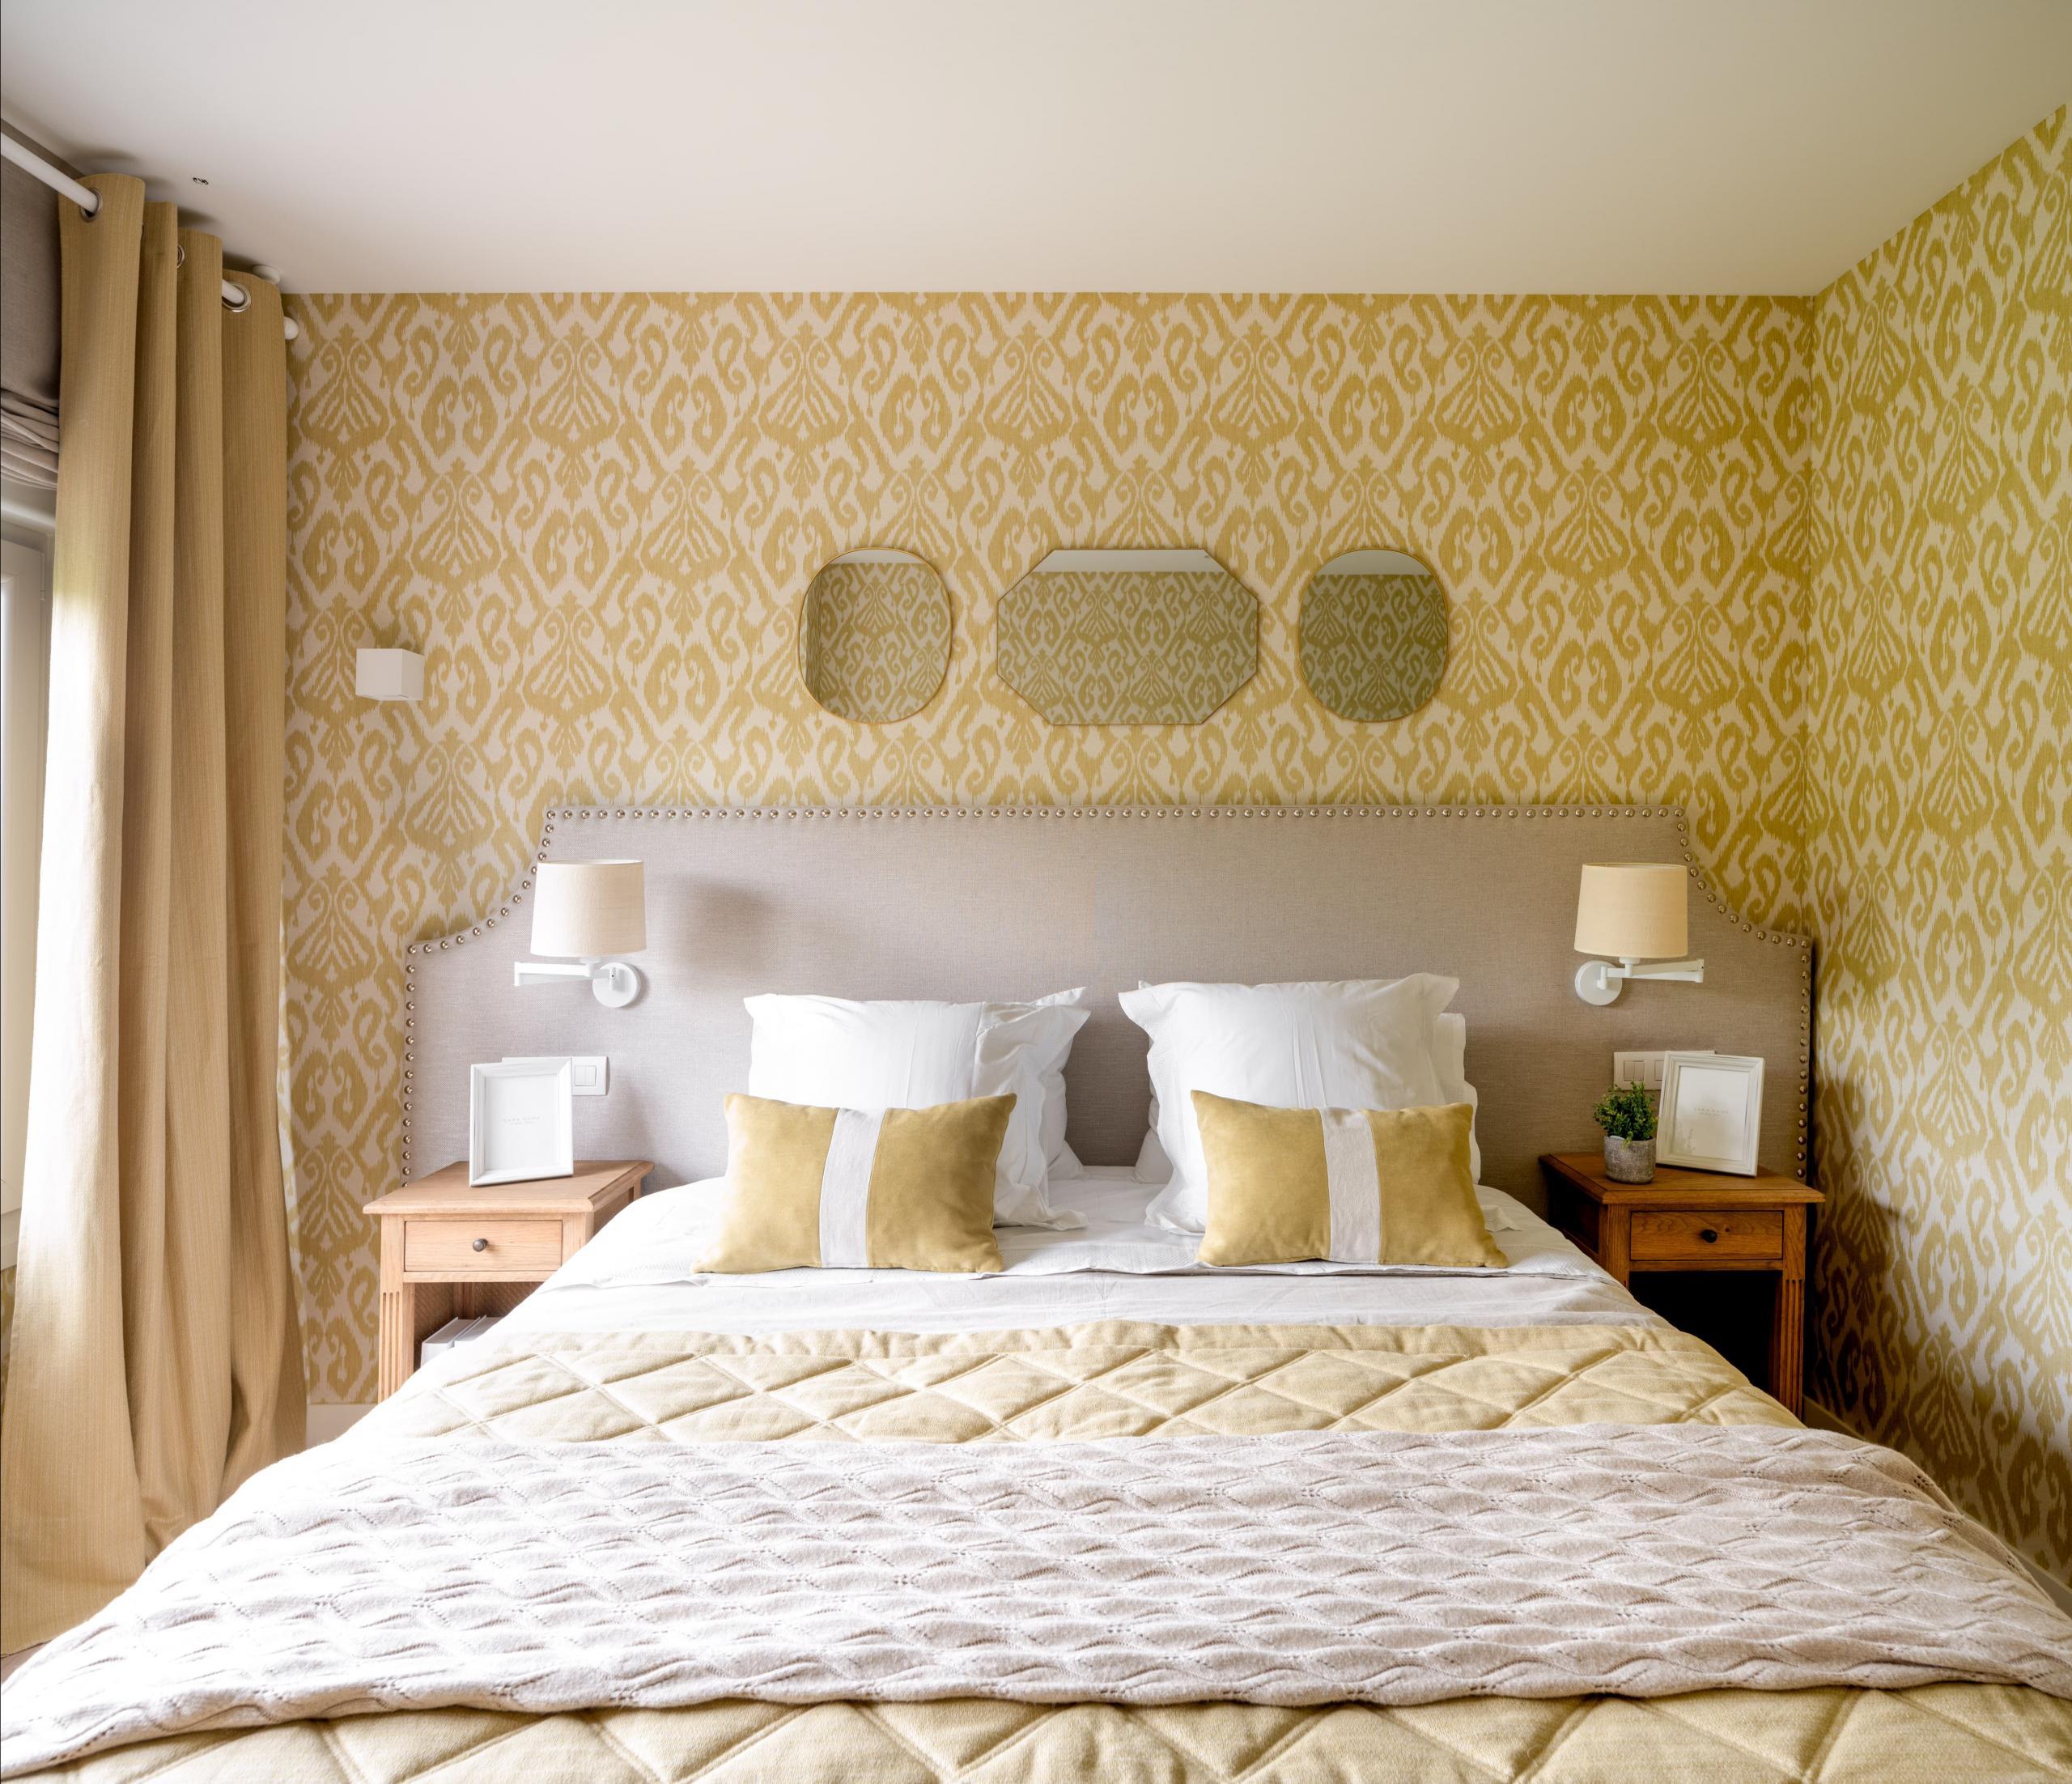 Decoración de dormitorio principal en amarillo